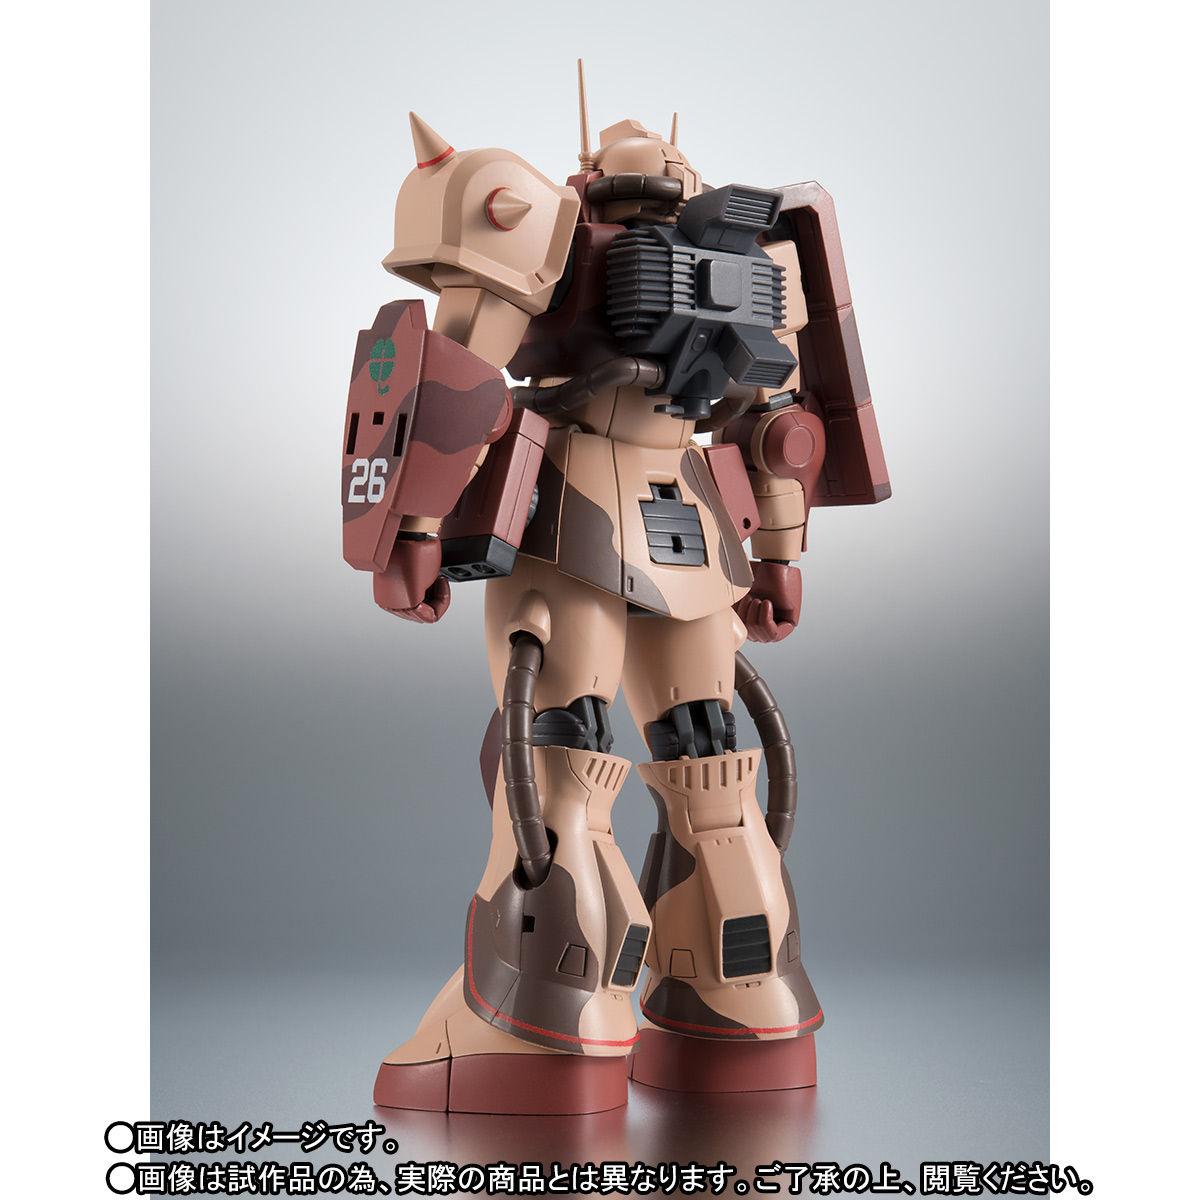 ROBOT魂〈SIDE MS〉『MS-06D ザク・デザートタイプ カラカル隊所属機』ガンダム モビルスーツバリエーション(MSV)可動フィギュア-004